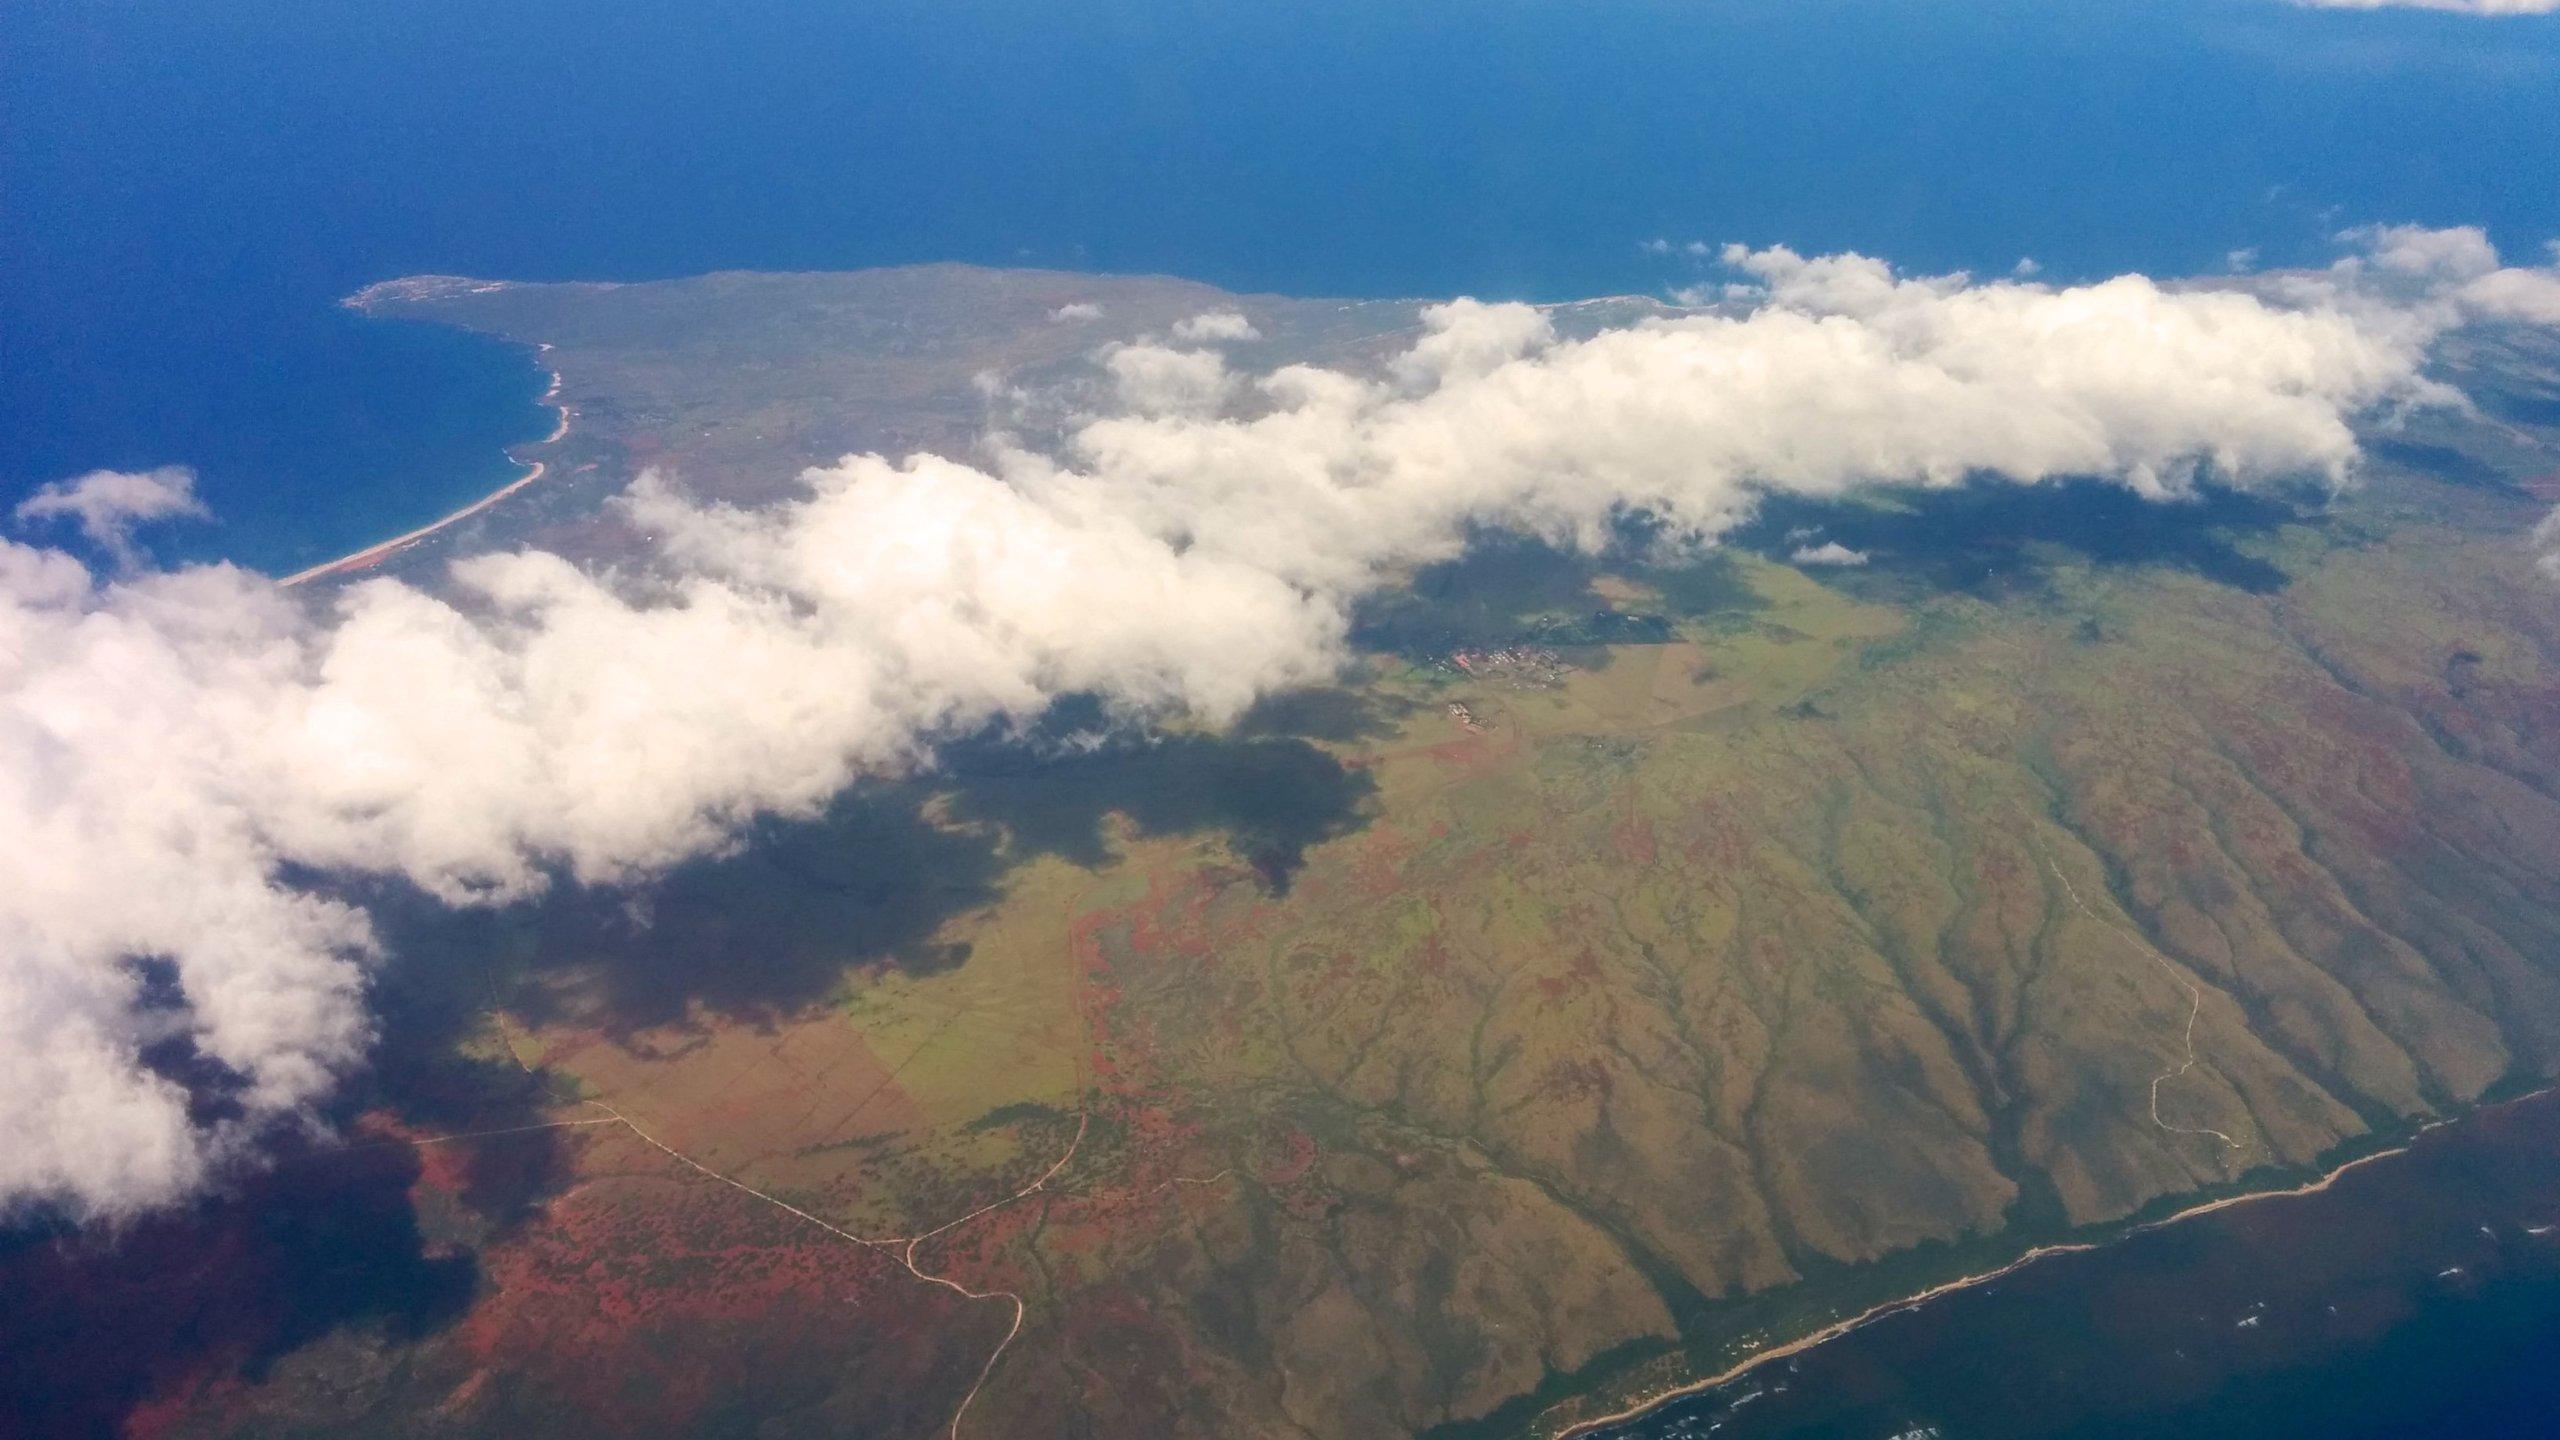 Molokai, Hawaii, United States of America